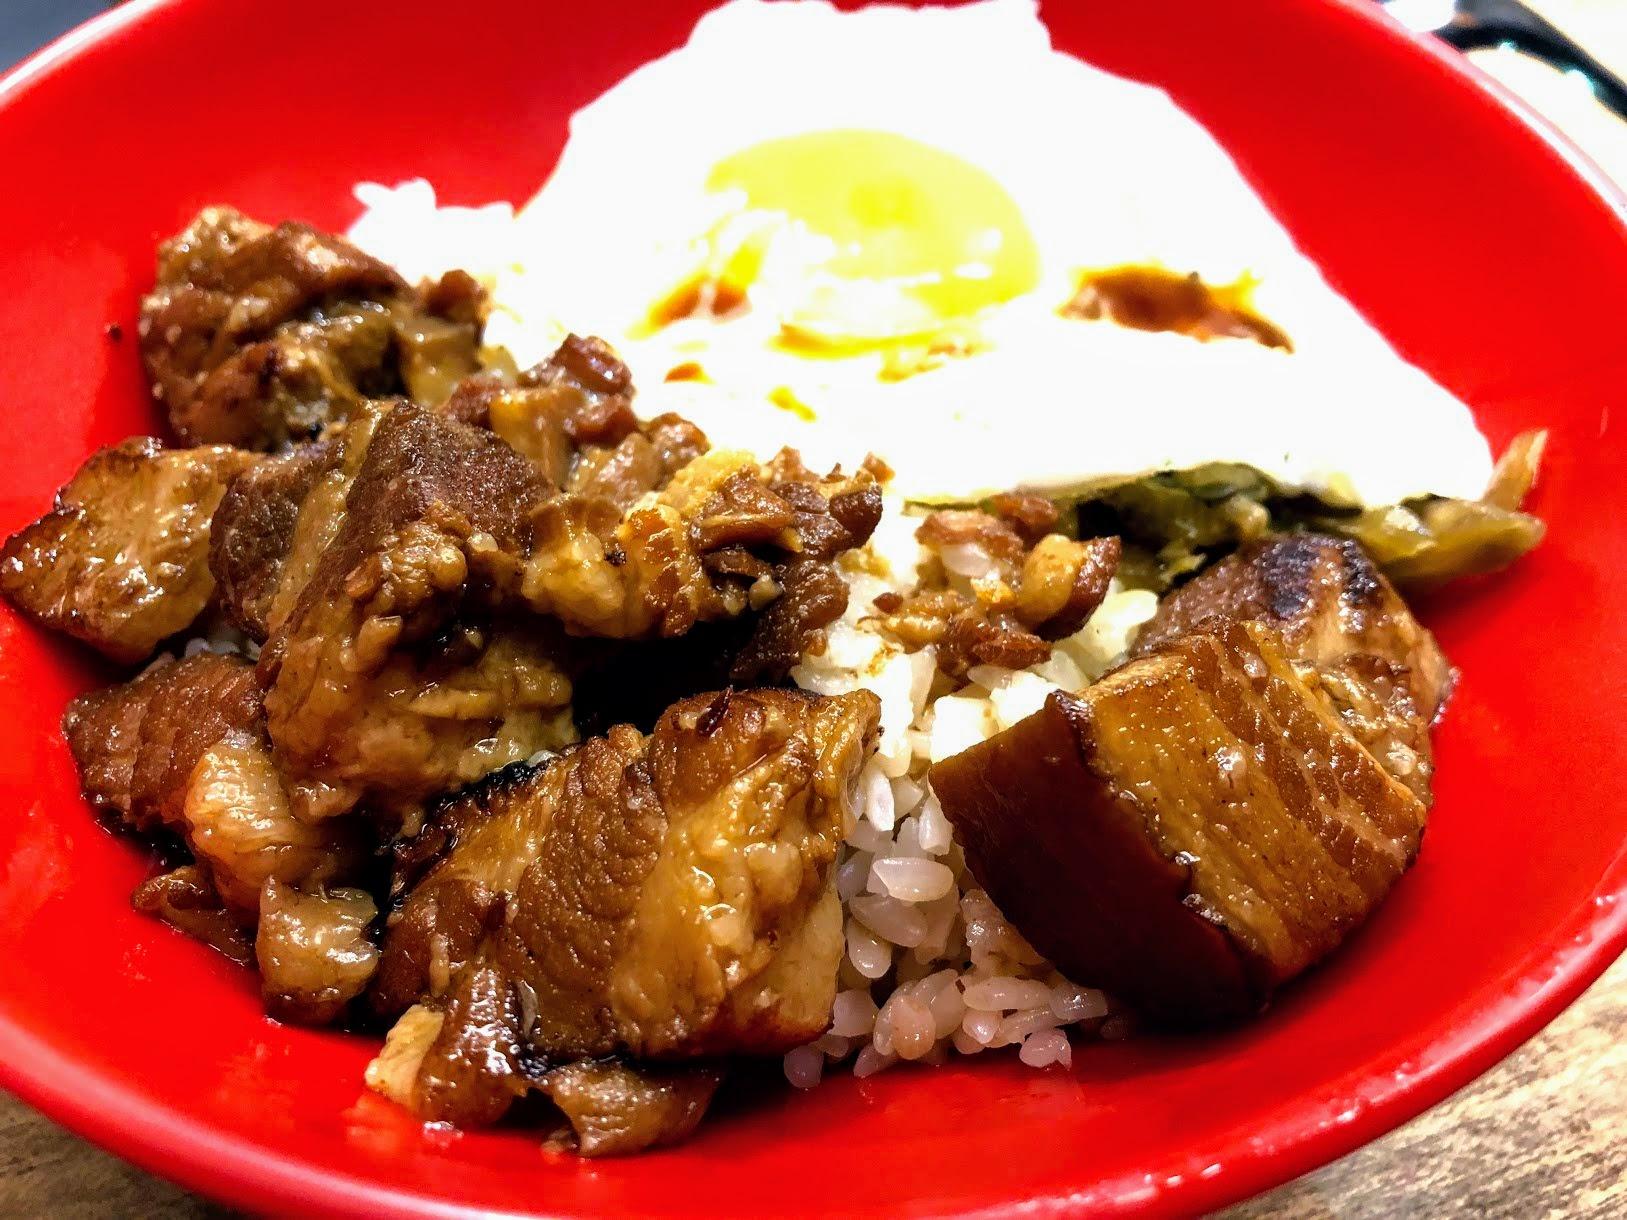 就是三層肉的滷肉啊! 搭上滷湯汁和半熟的太陽蛋,搭起來真的很開胃XD 味道帶著鹹,就是很傳統的那種鹹鹹滷肉飯